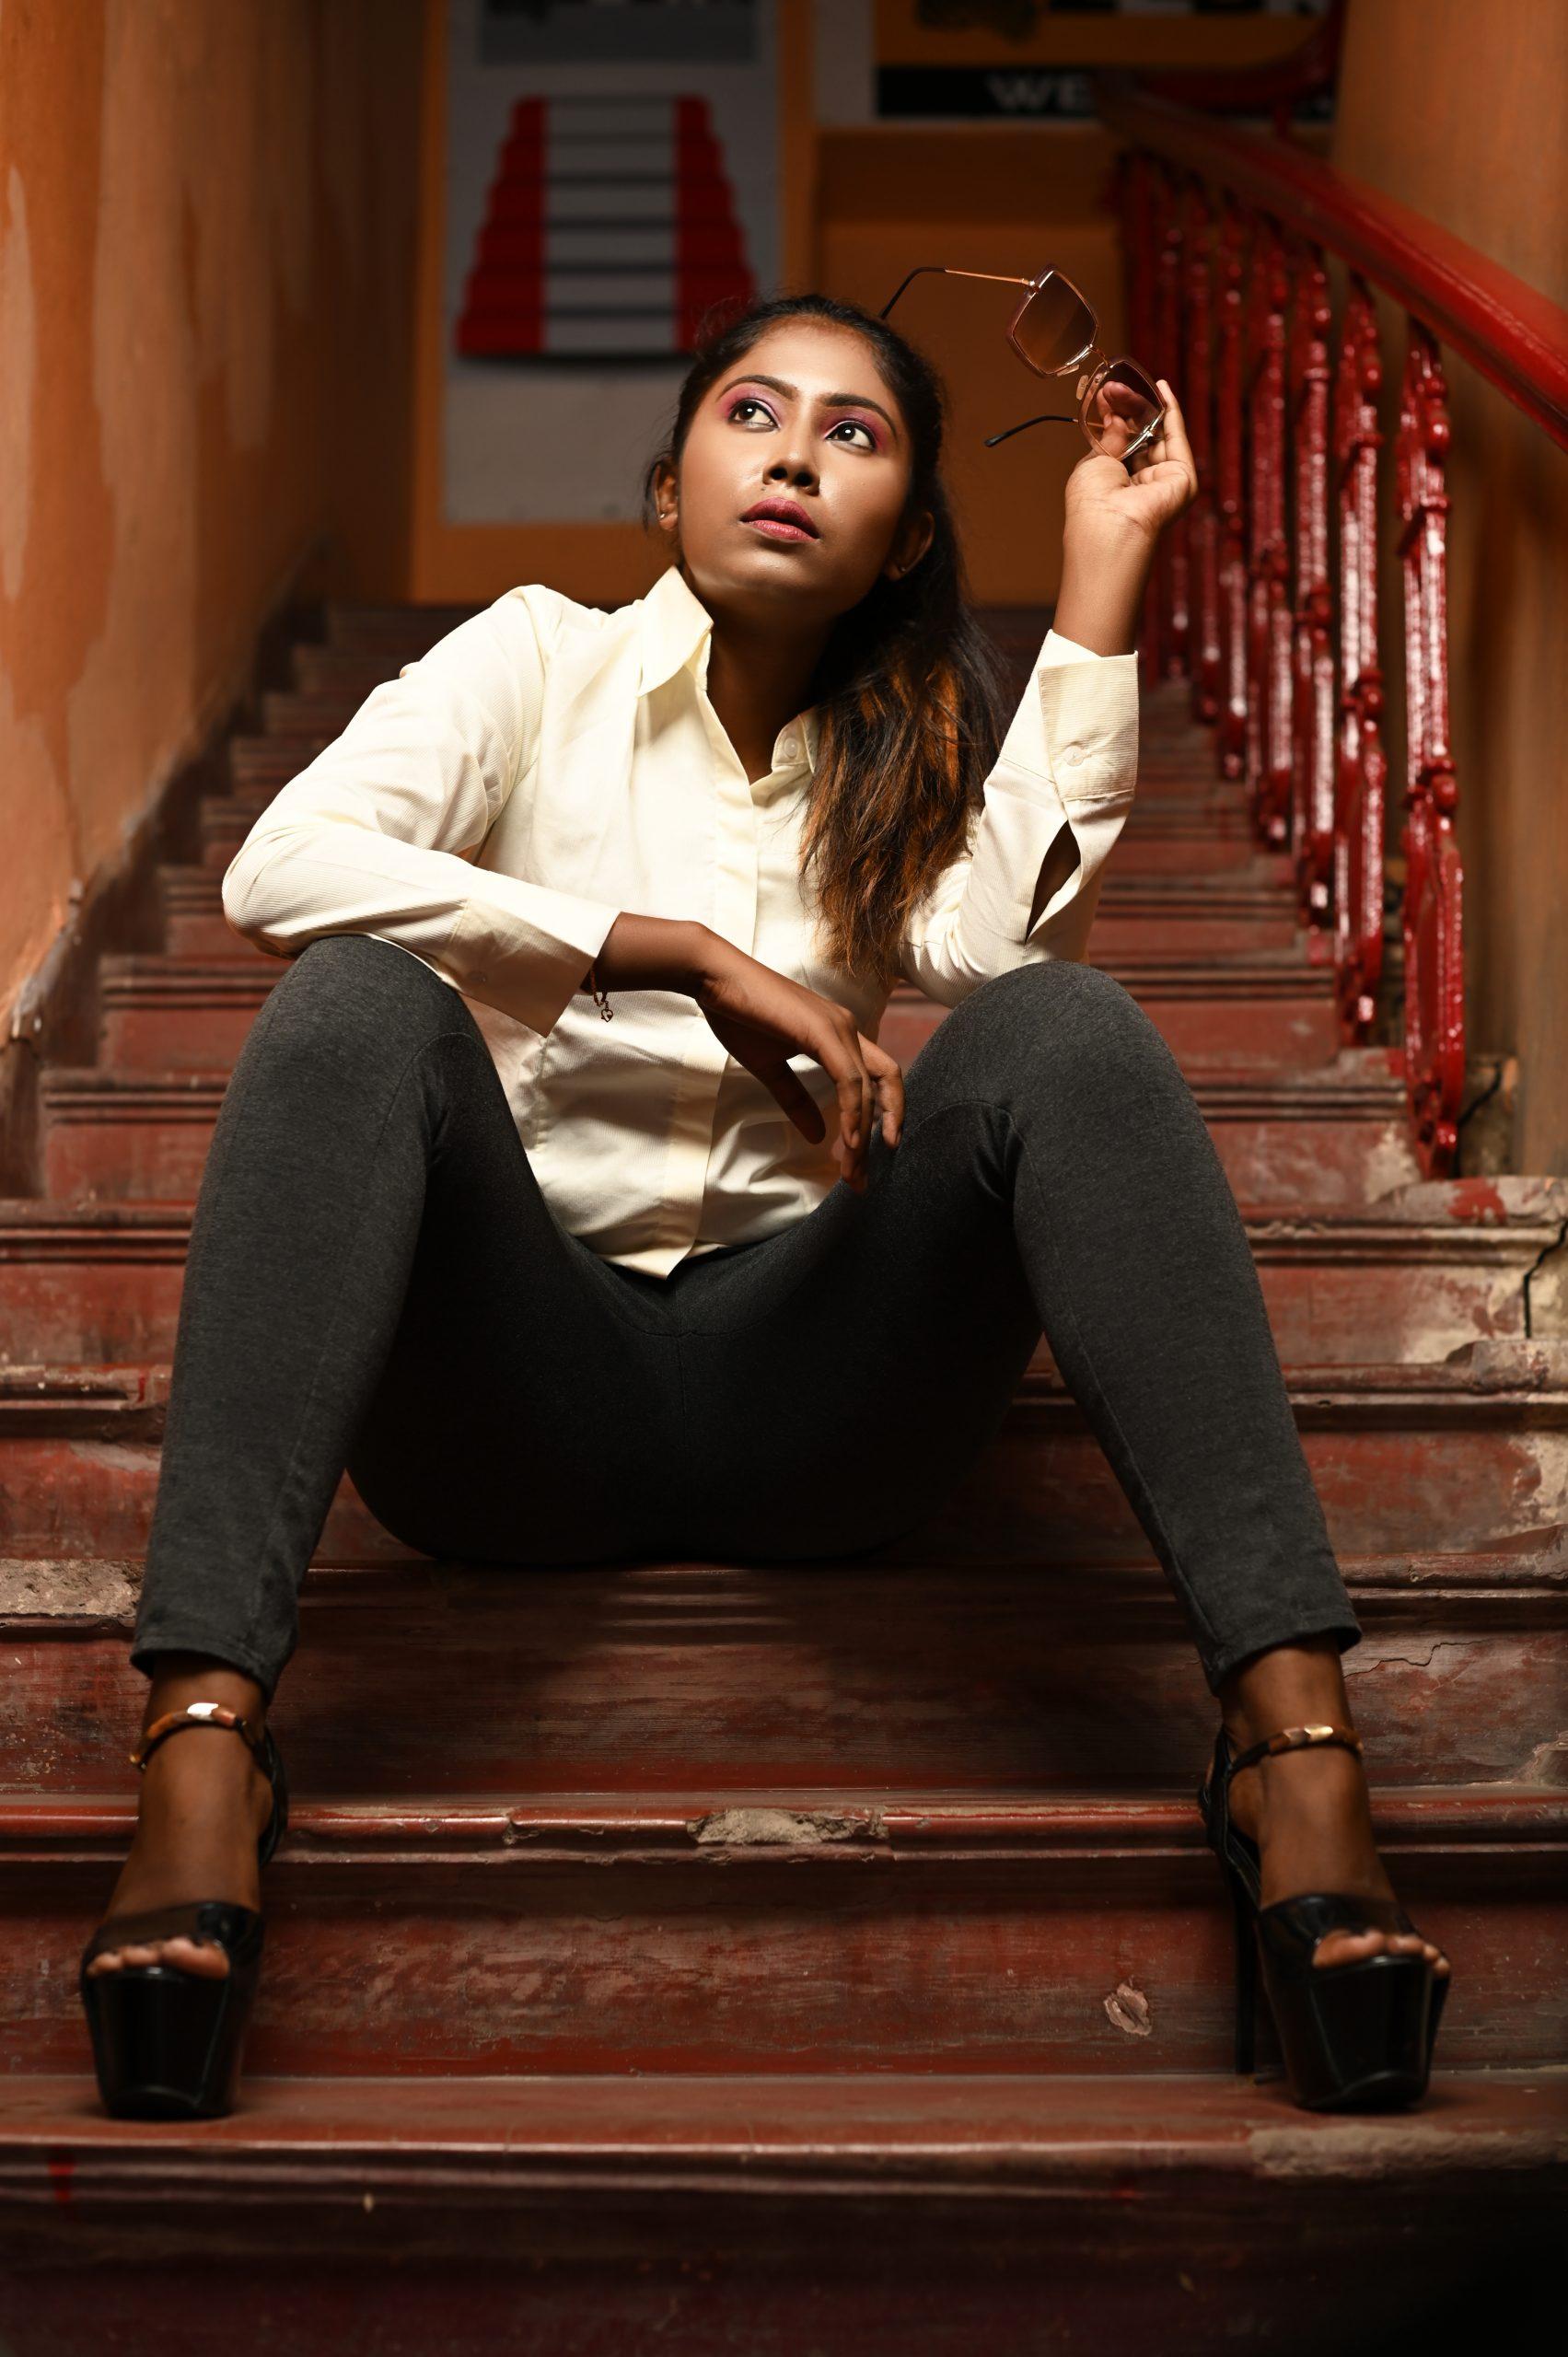 The Staircase Affair